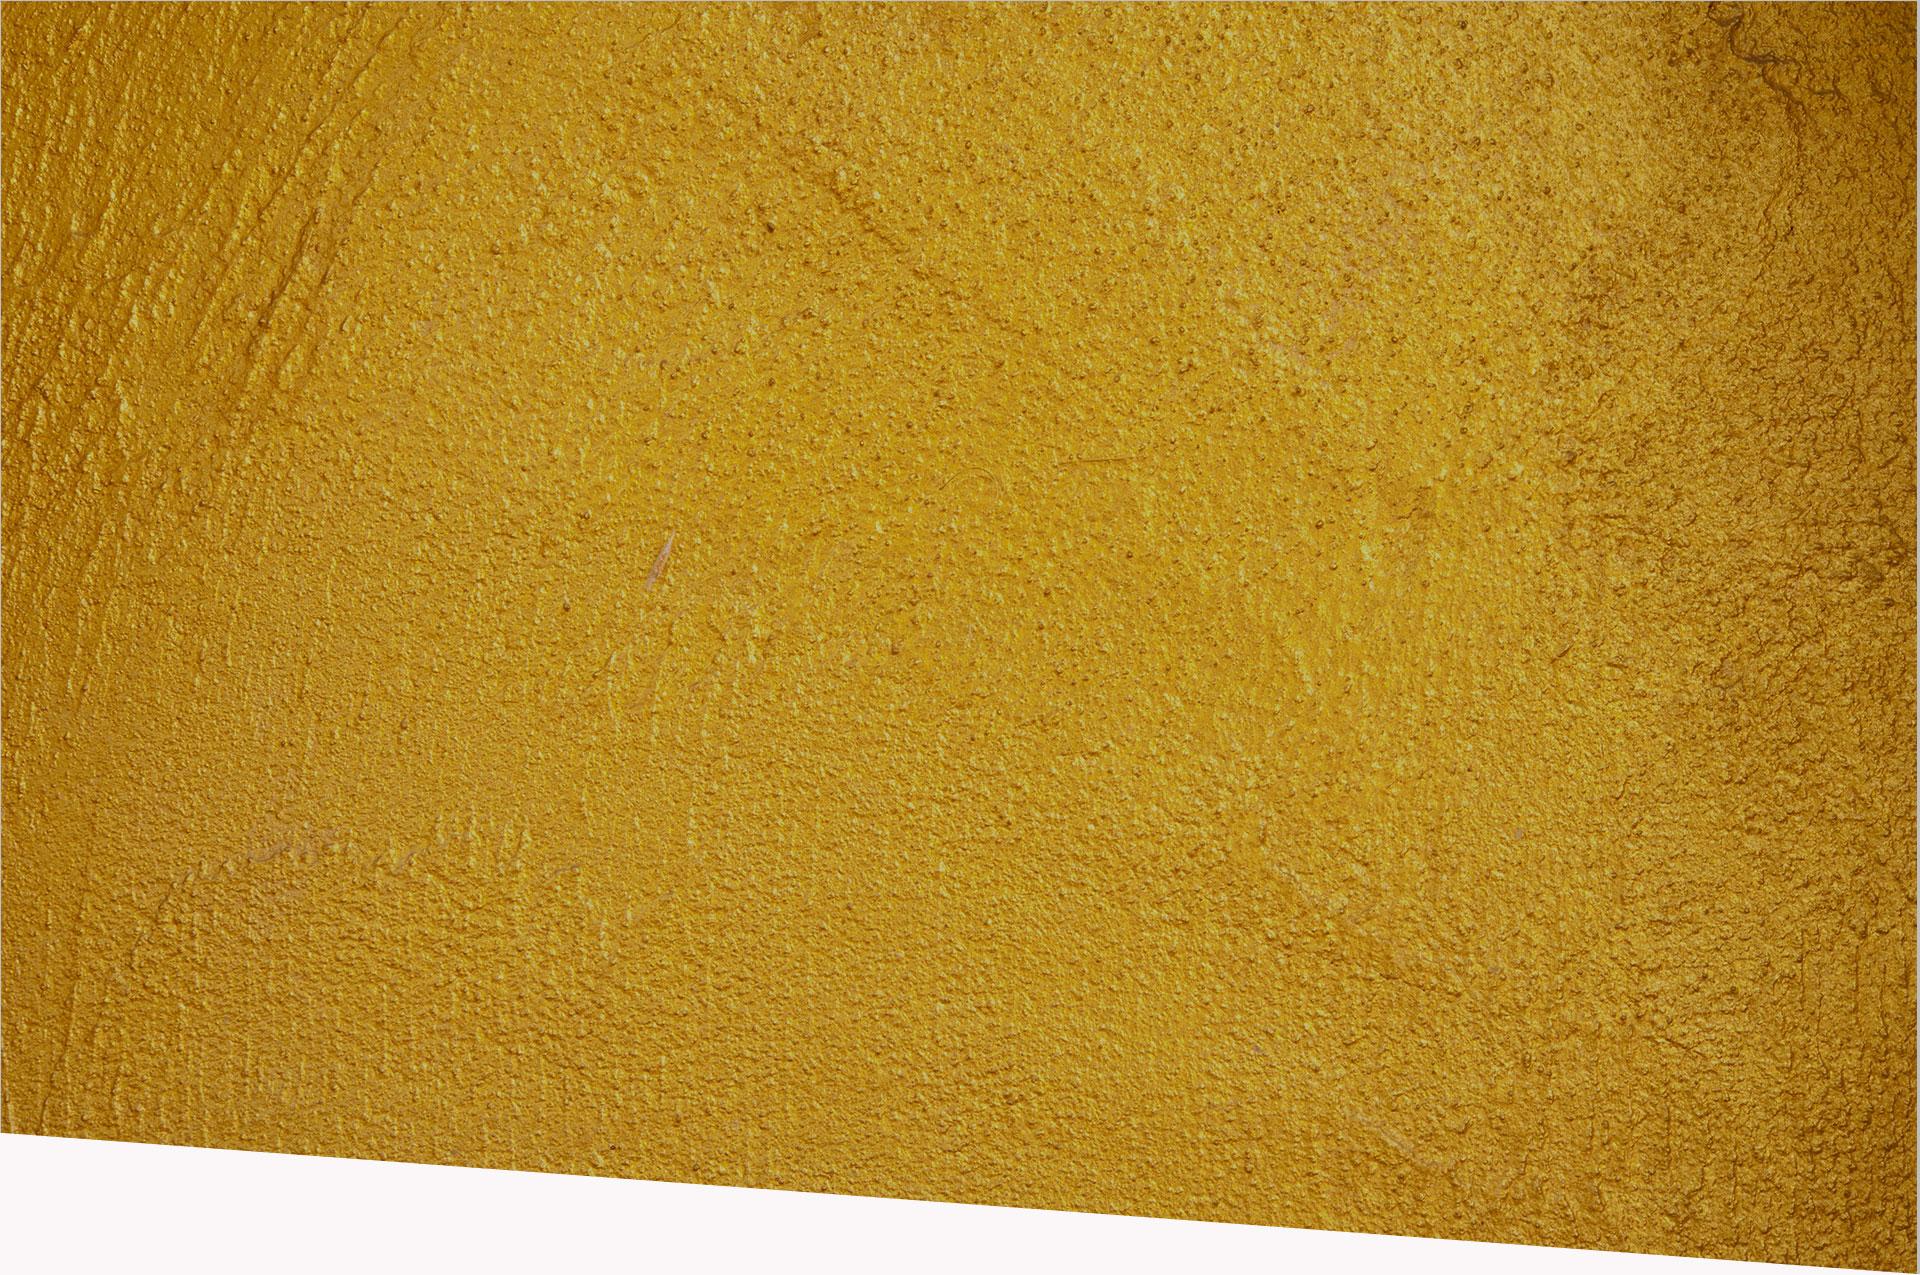 El outlet de la pintura americana en Gomez Morin | American Paint en Gomez Morin | Pintura y accesorios en Gomez Morin